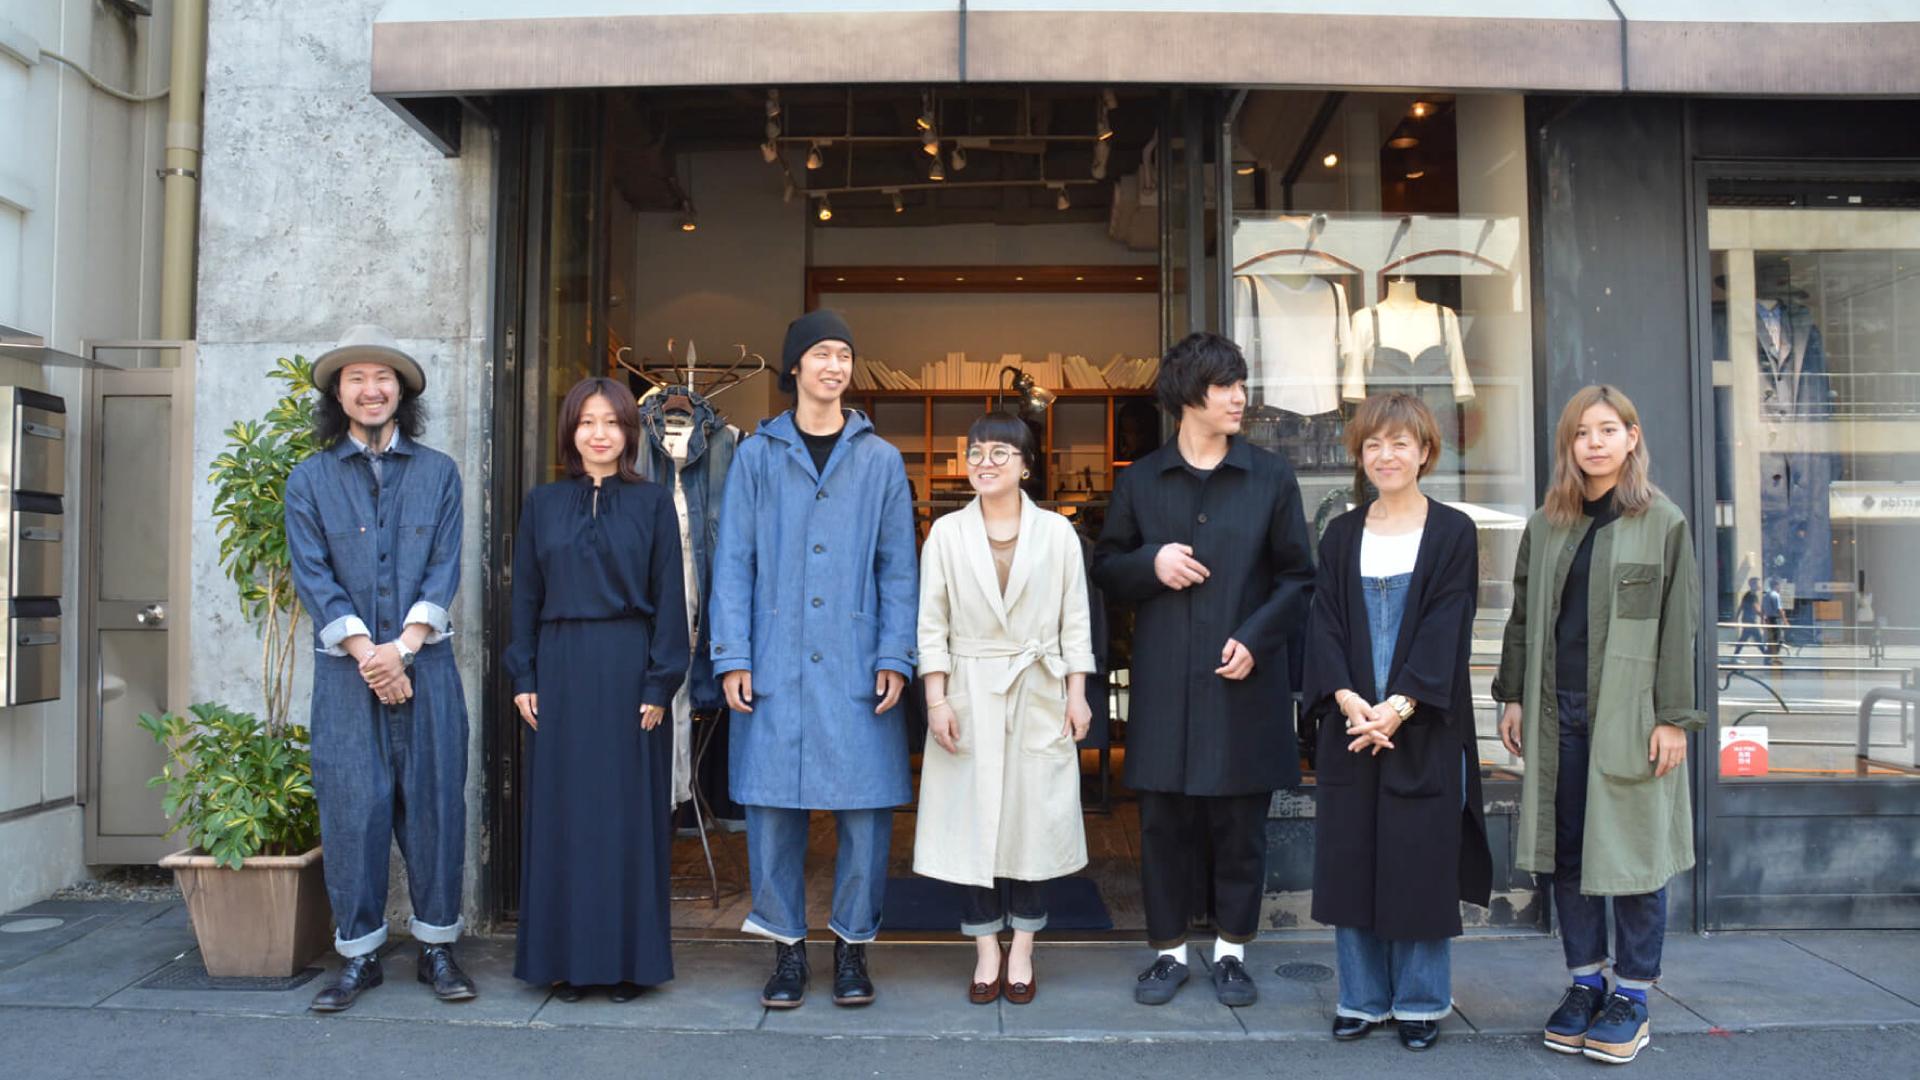 縫製オペレーター|岡山で伝統的な技術を学んでスキルアップ!のカバー写真